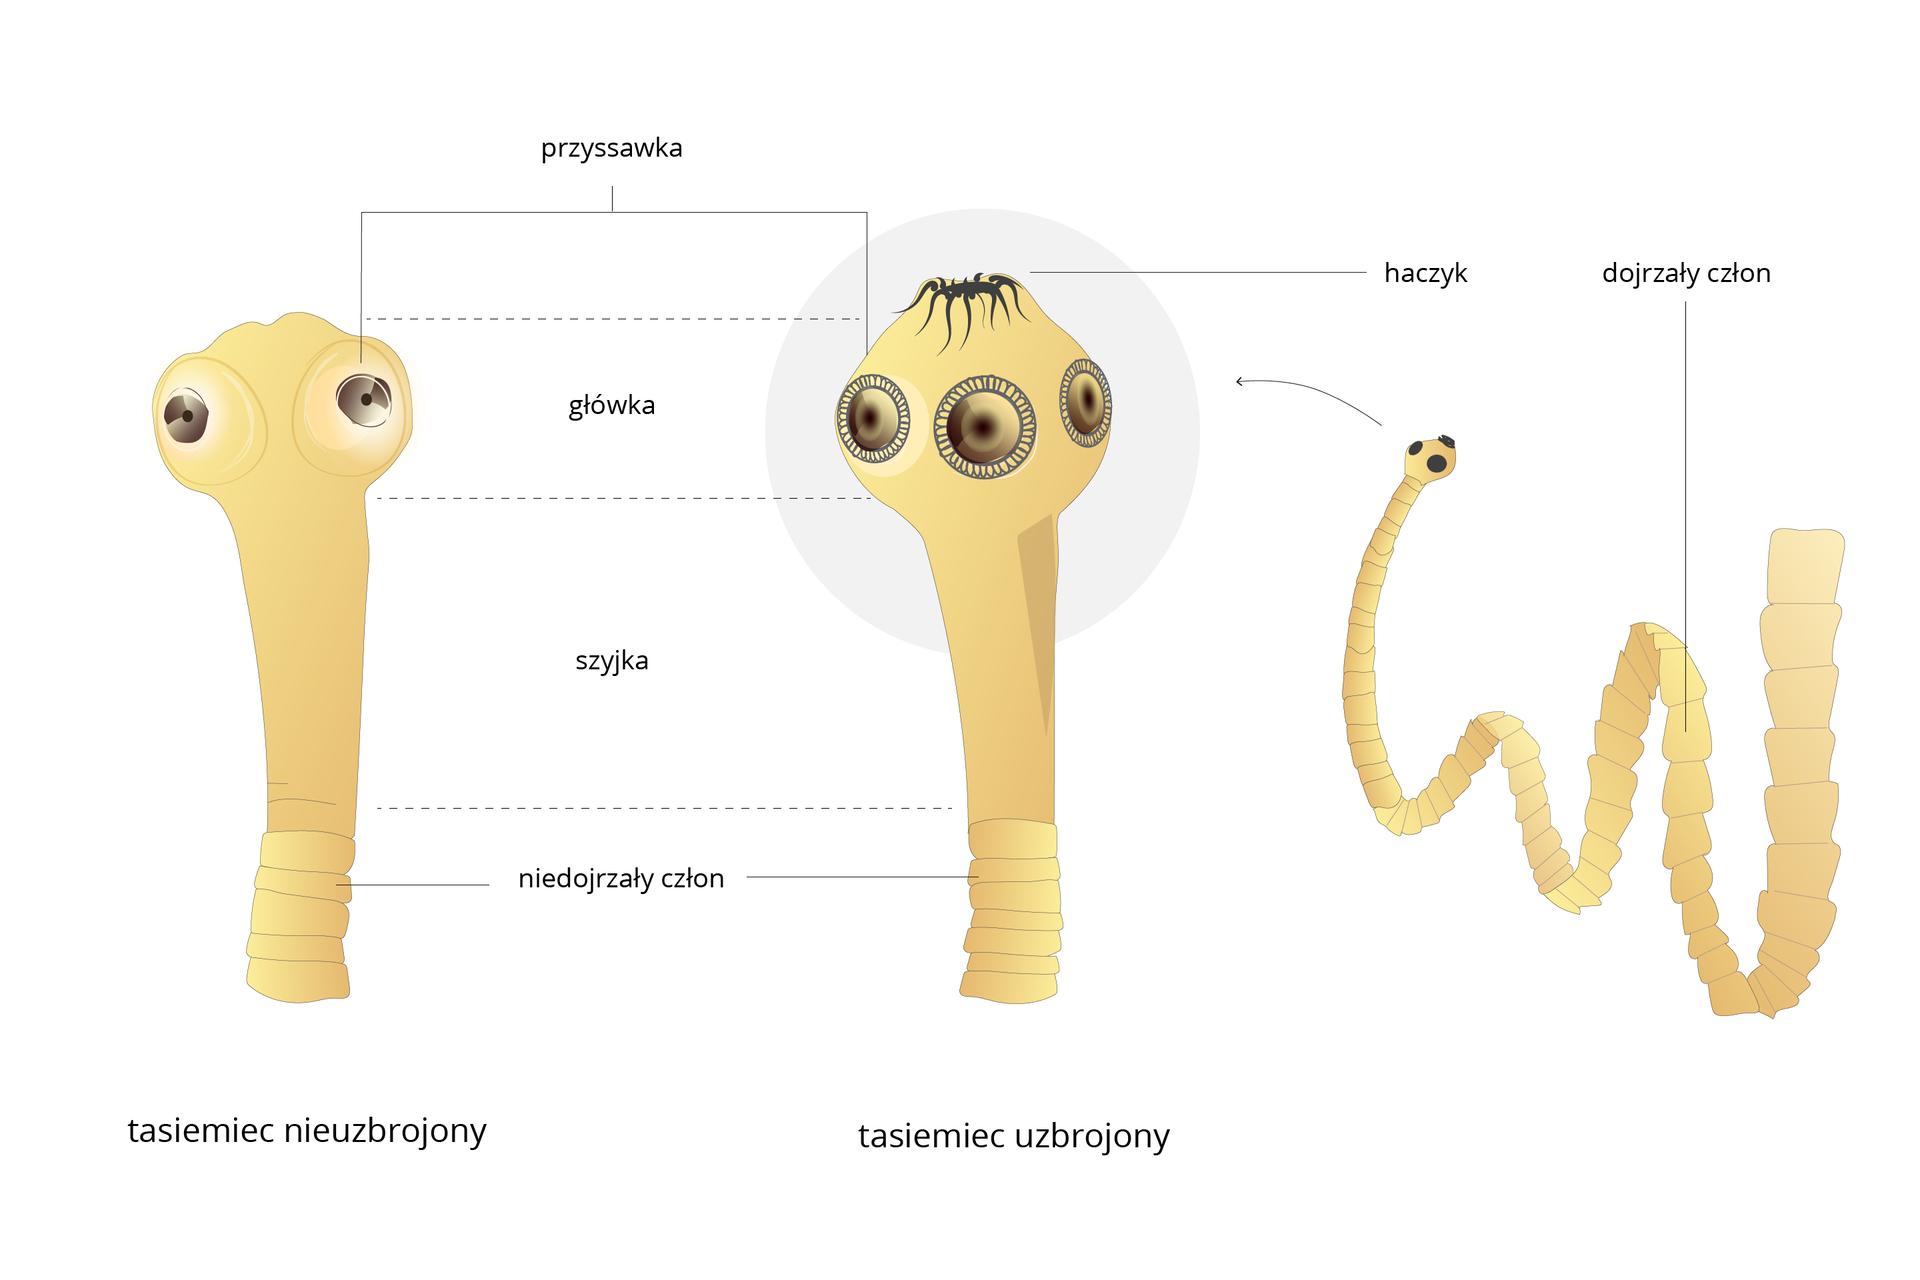 Ilustracja przedstawia trzy schematyczne rysunki tasiemców wkolorze beżowym. Zlewej przednia część ciała tasiemca nieuzbrojonego, wśrodku uzbrojonego, po prawej fragment ciała tasiemca uzbrojonego. Poszczególne części ciała tasiemców są podpisane ze wskazaniem podobieństw iróżnic.